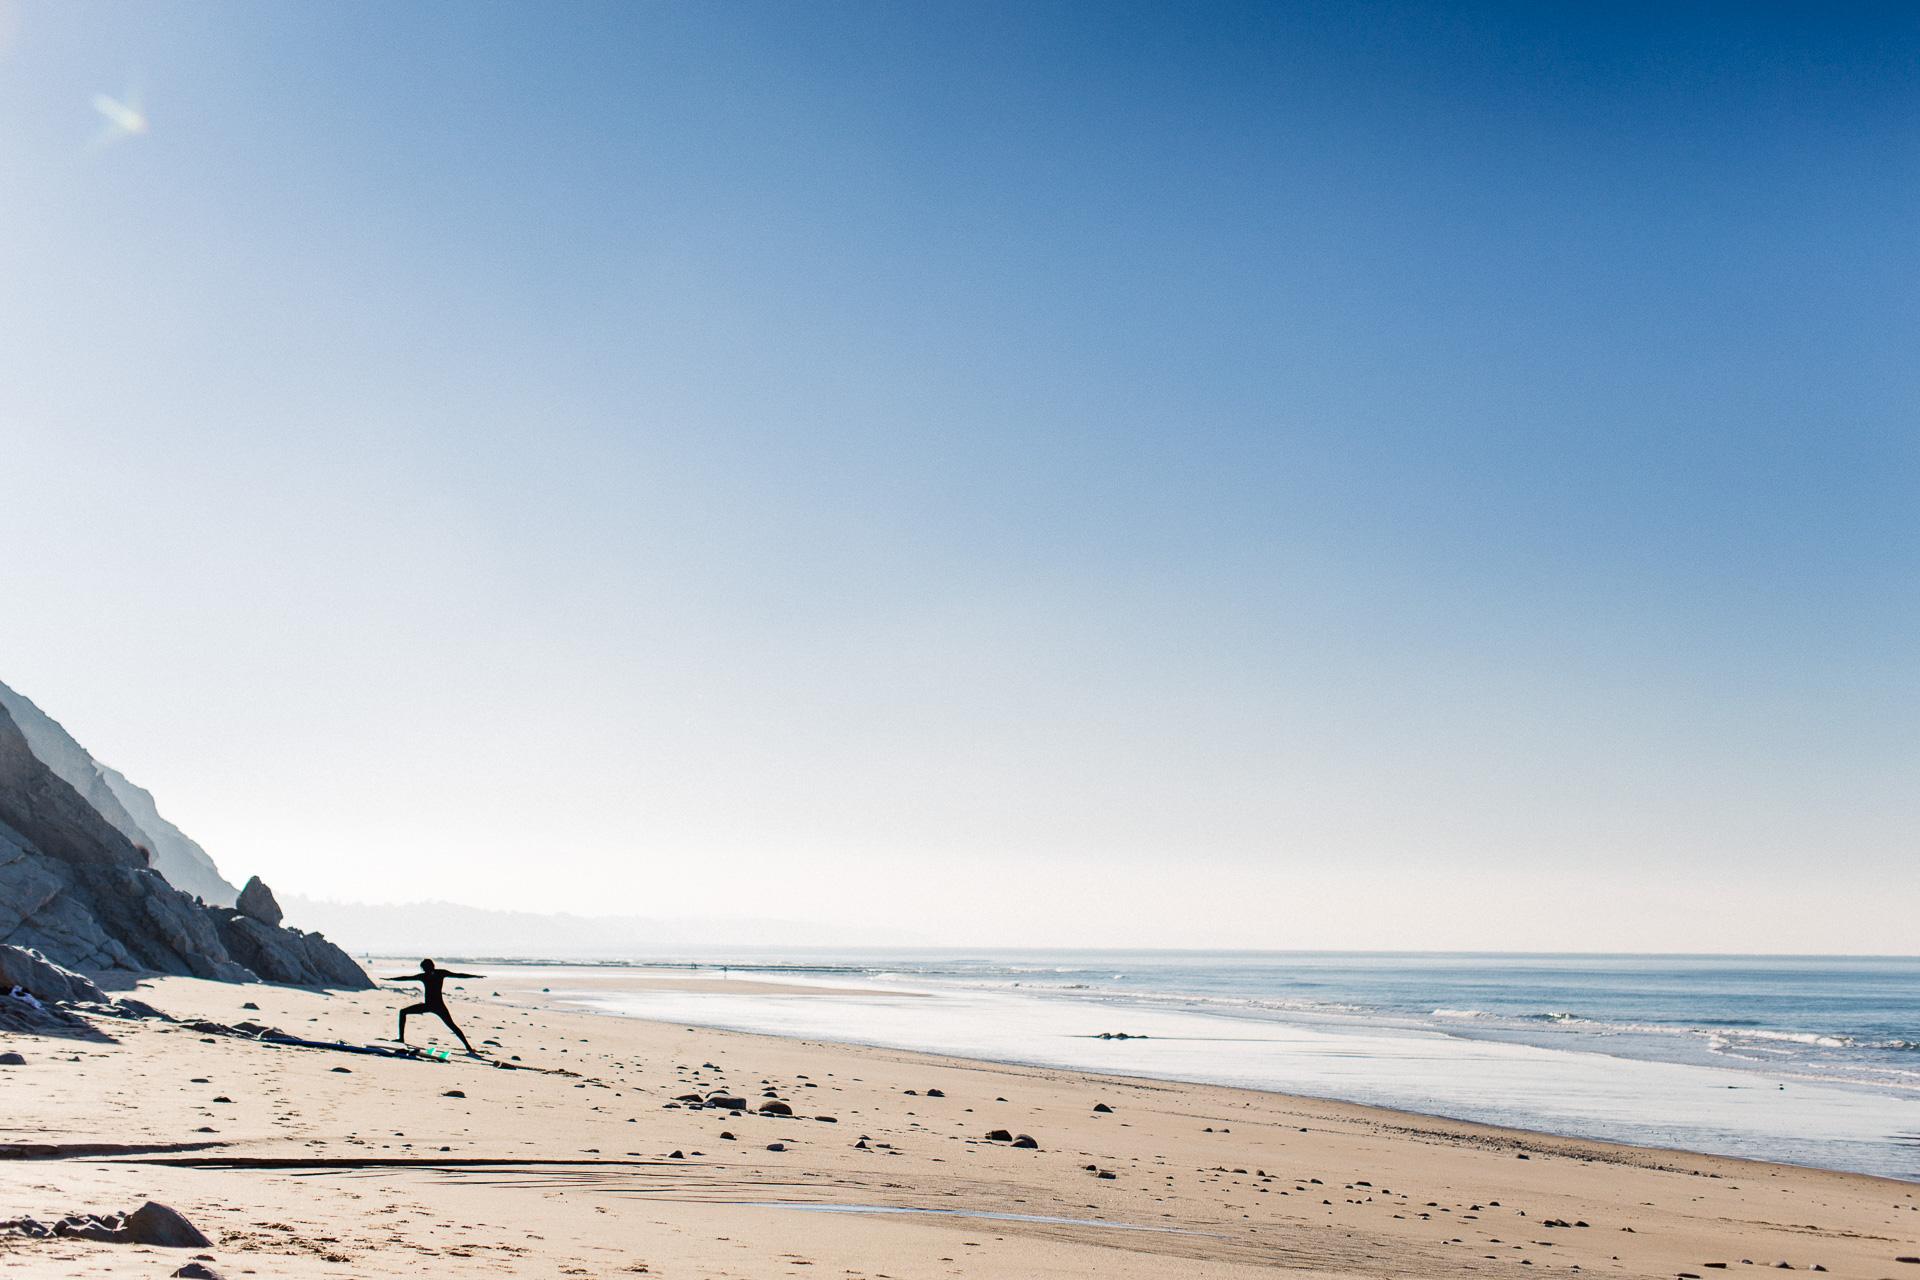 Damien-Dohmen-photographe-Ocean-43